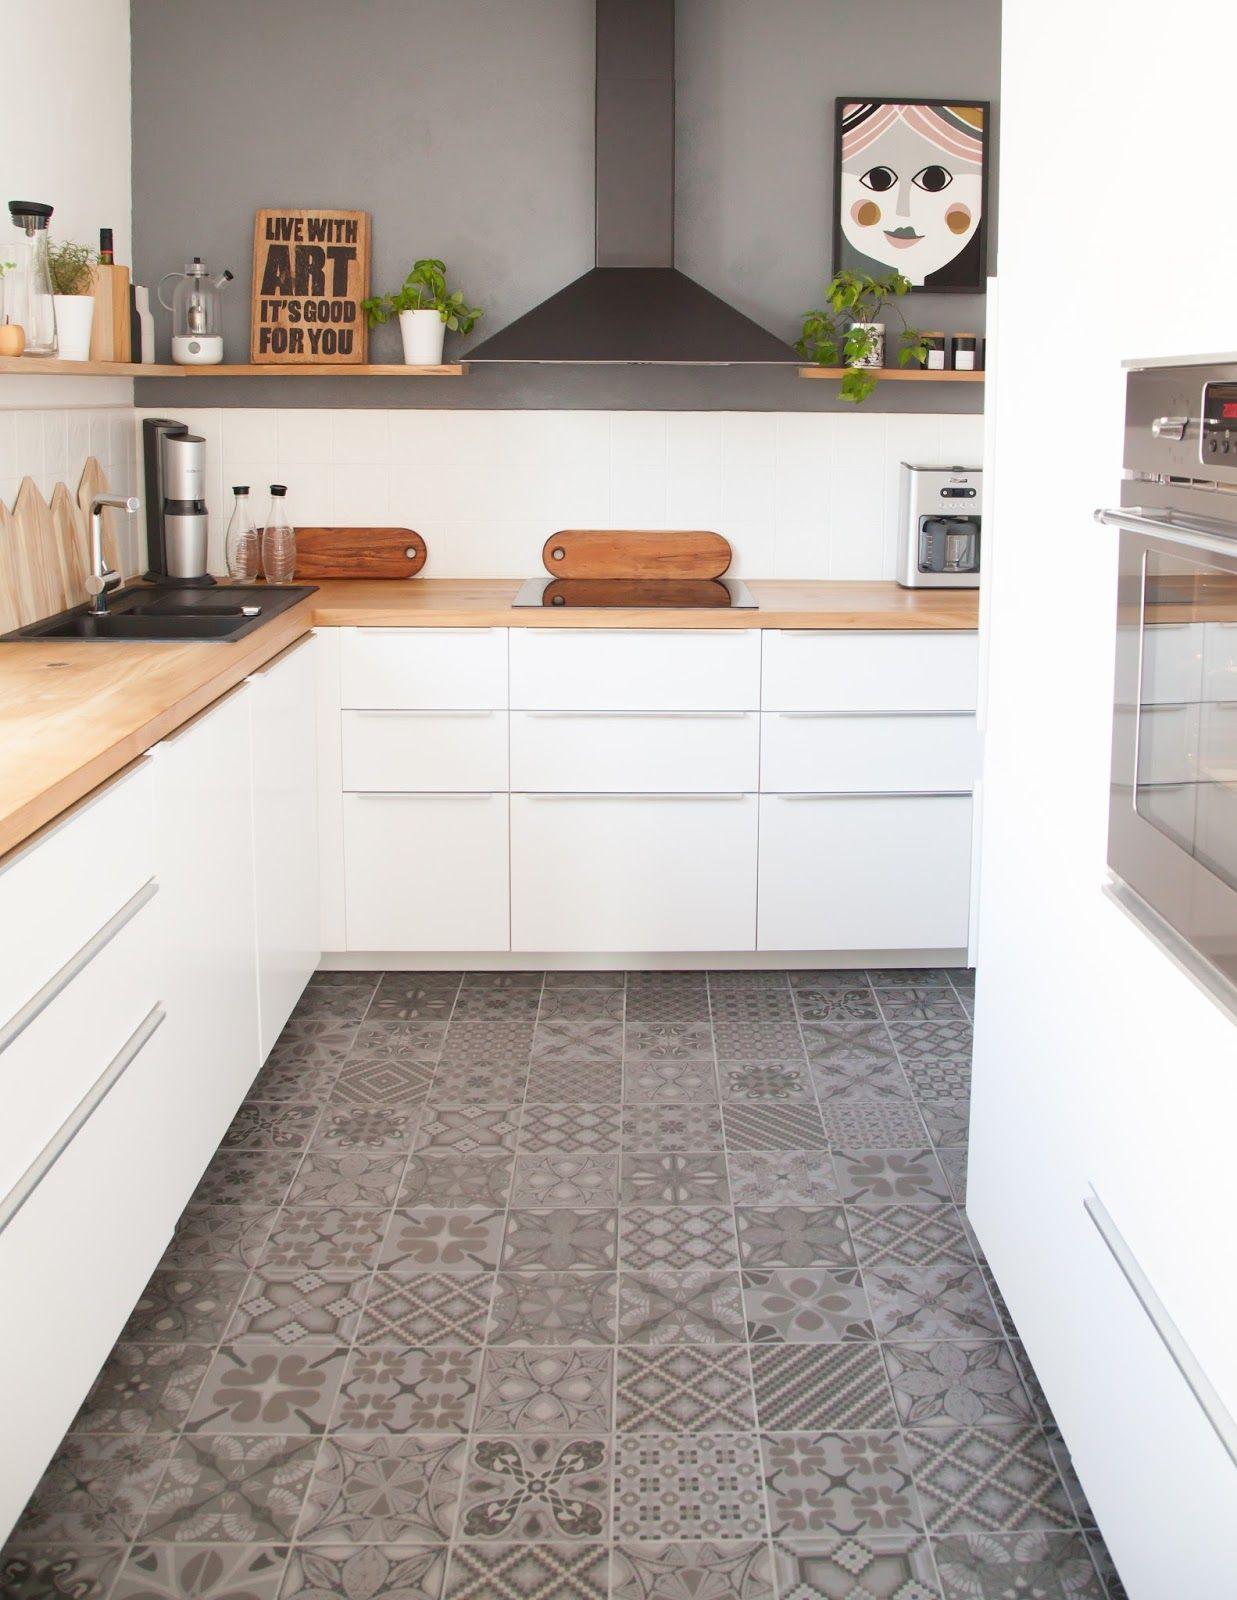 Fabelhafte Dekoration Genial Holzkuche Kind Ideen 2 #24: Fliesen-Deko Ideen: Moderne Einbauküche, Weiße Möbel, Holz Und  Marokkanischen Fliesen